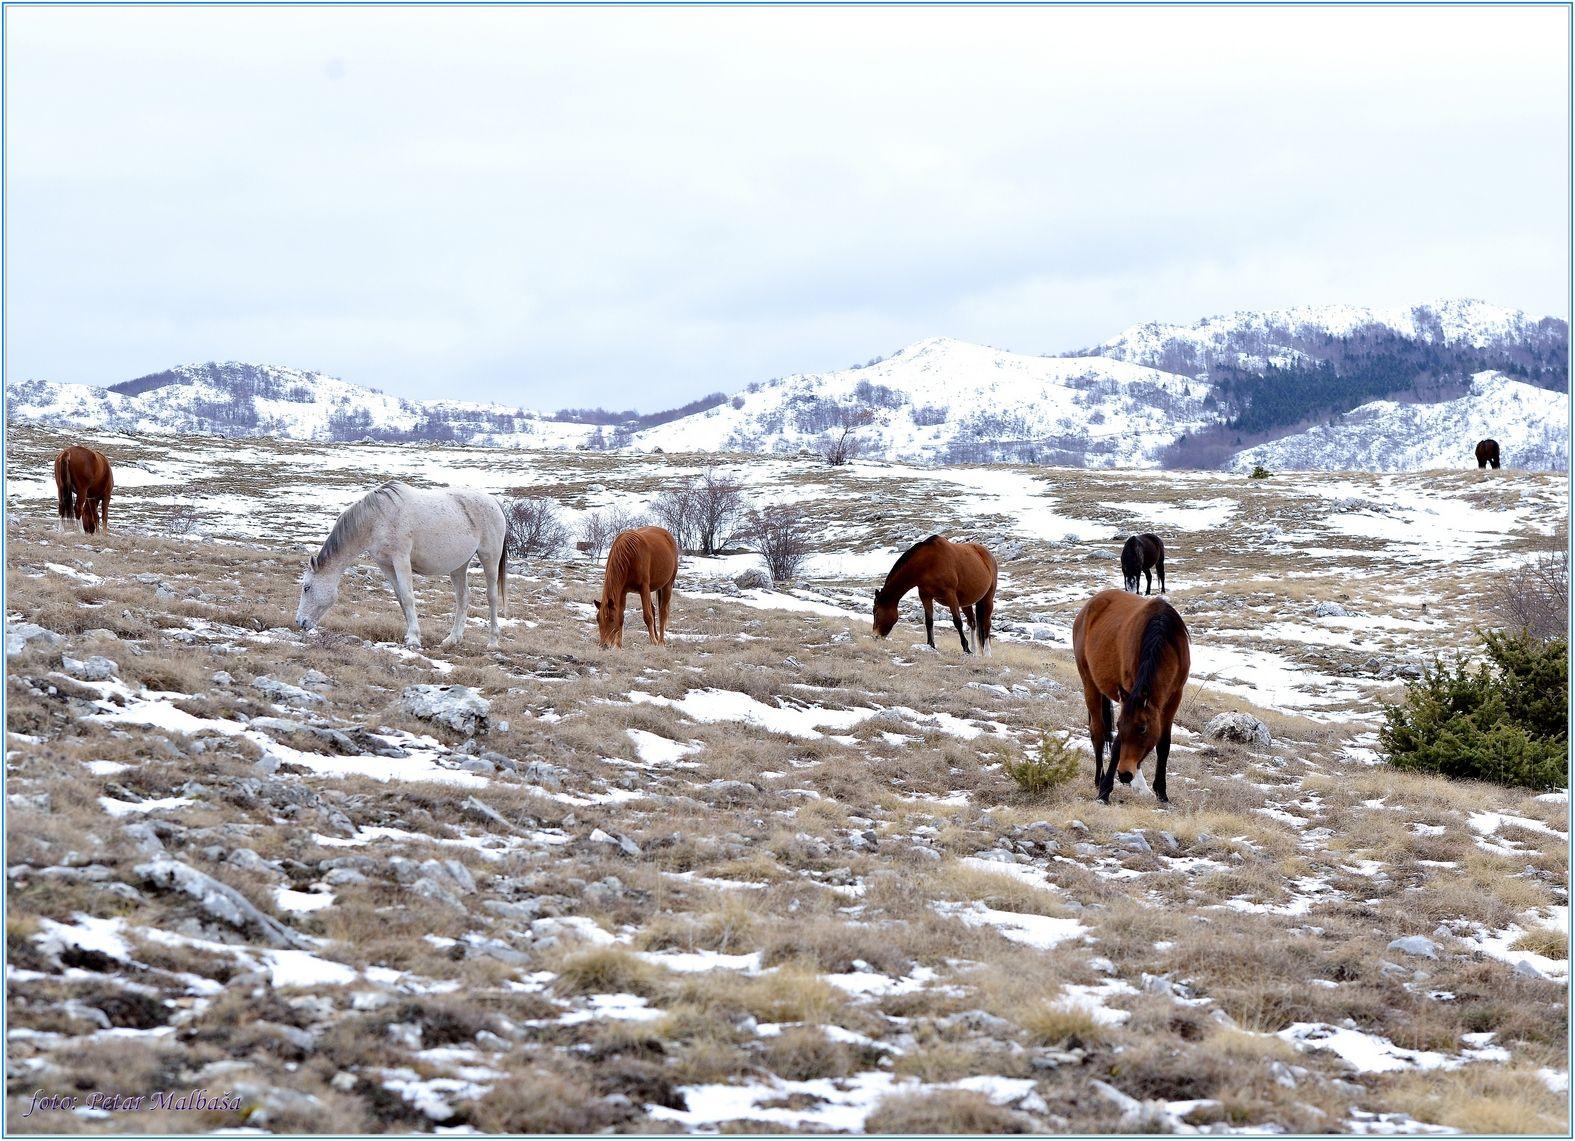 1. Na području Bilog briga - Vagnja žive konji bez vlasnika, tkz. divlji konji...čini mi se da ovi to nisu .......